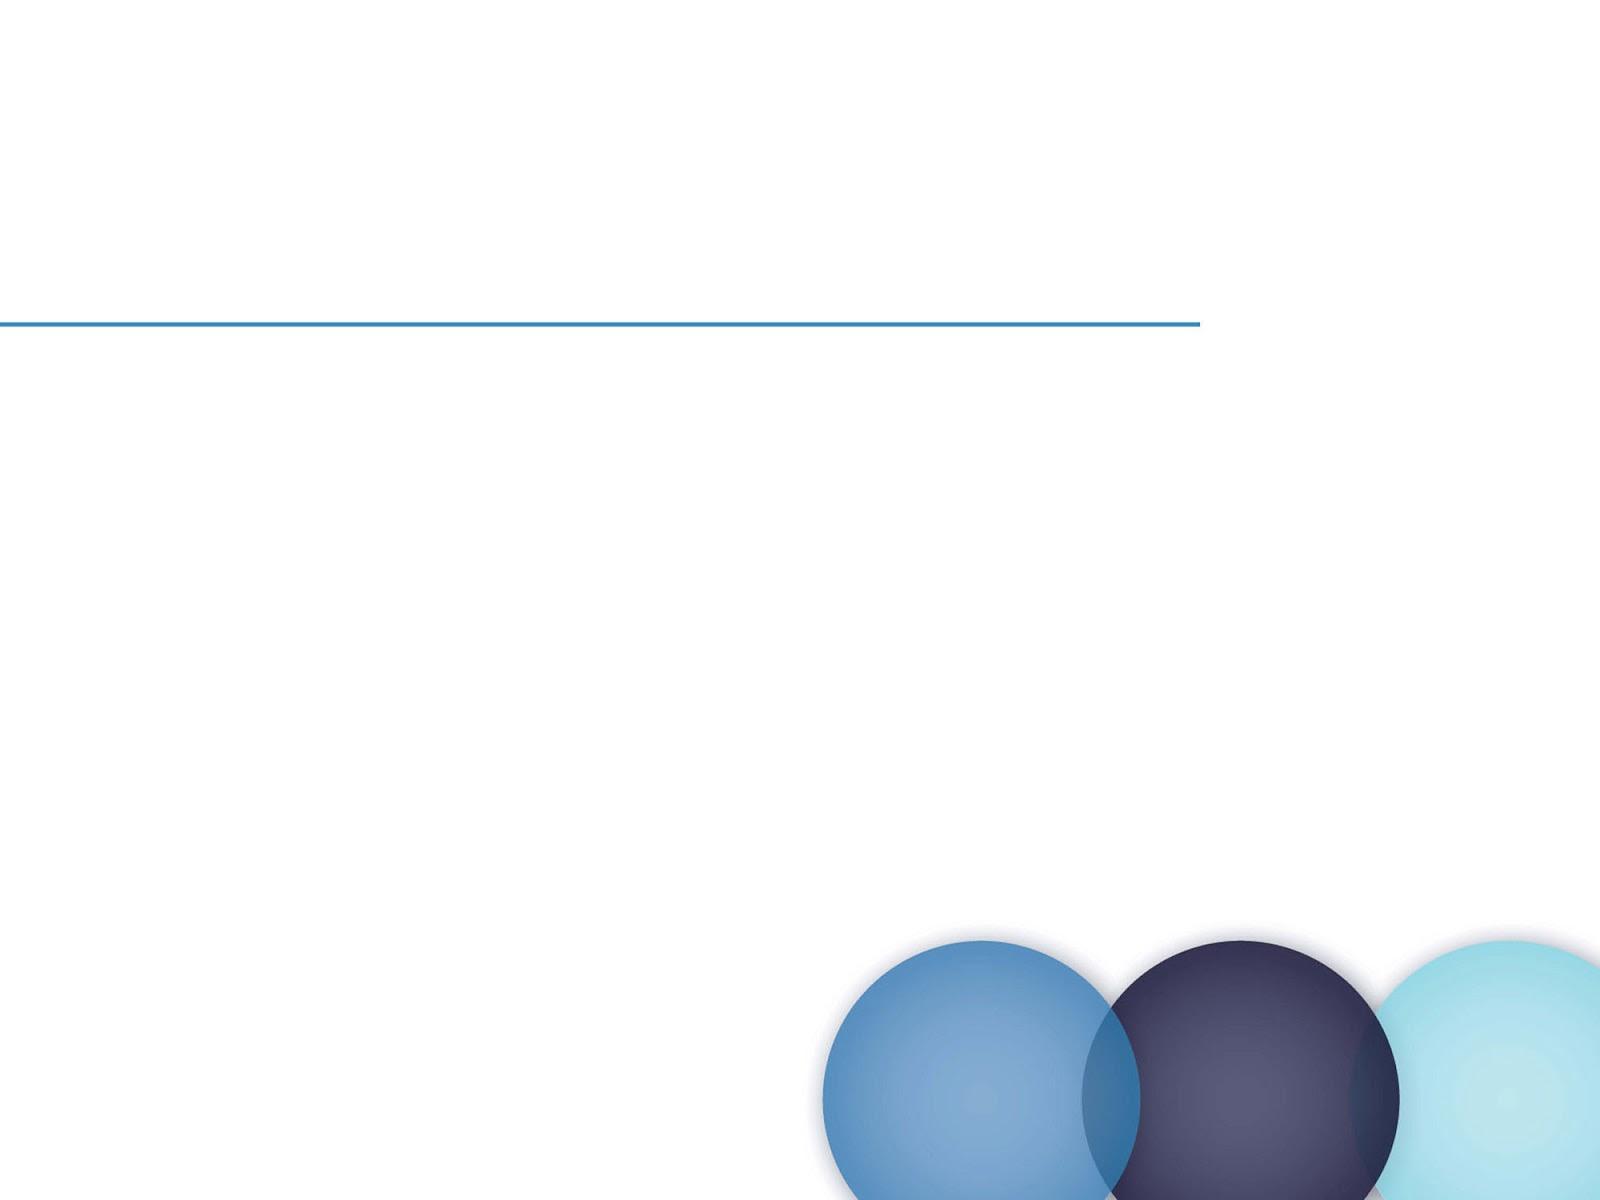 simple slide backgrounds